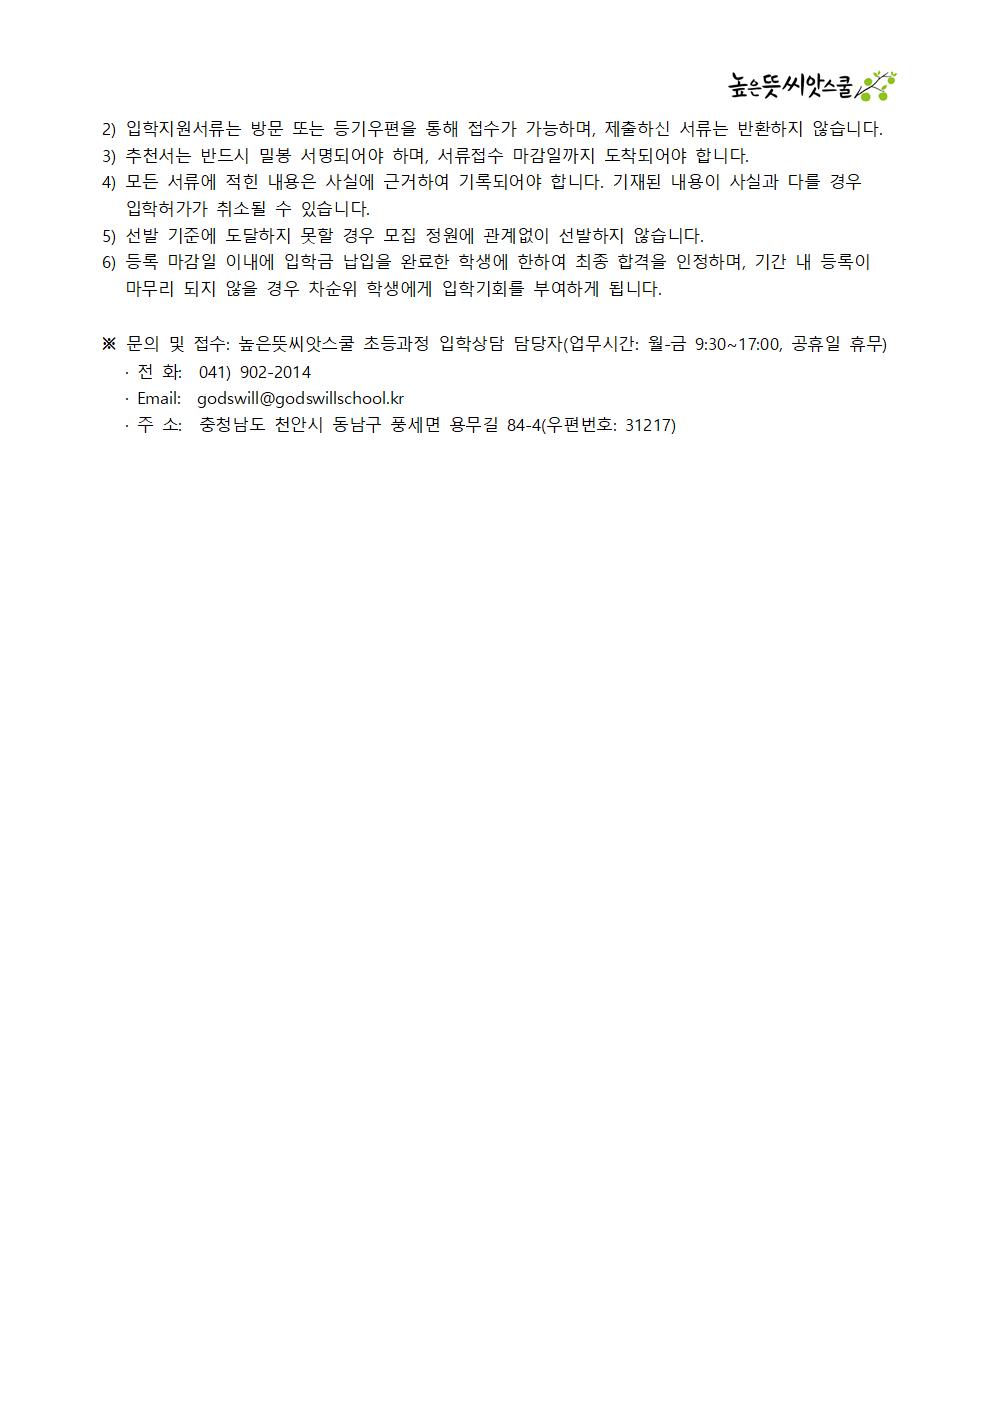 2020학년도 2학기 초등과정 편입생 입학요강(200615)002.png